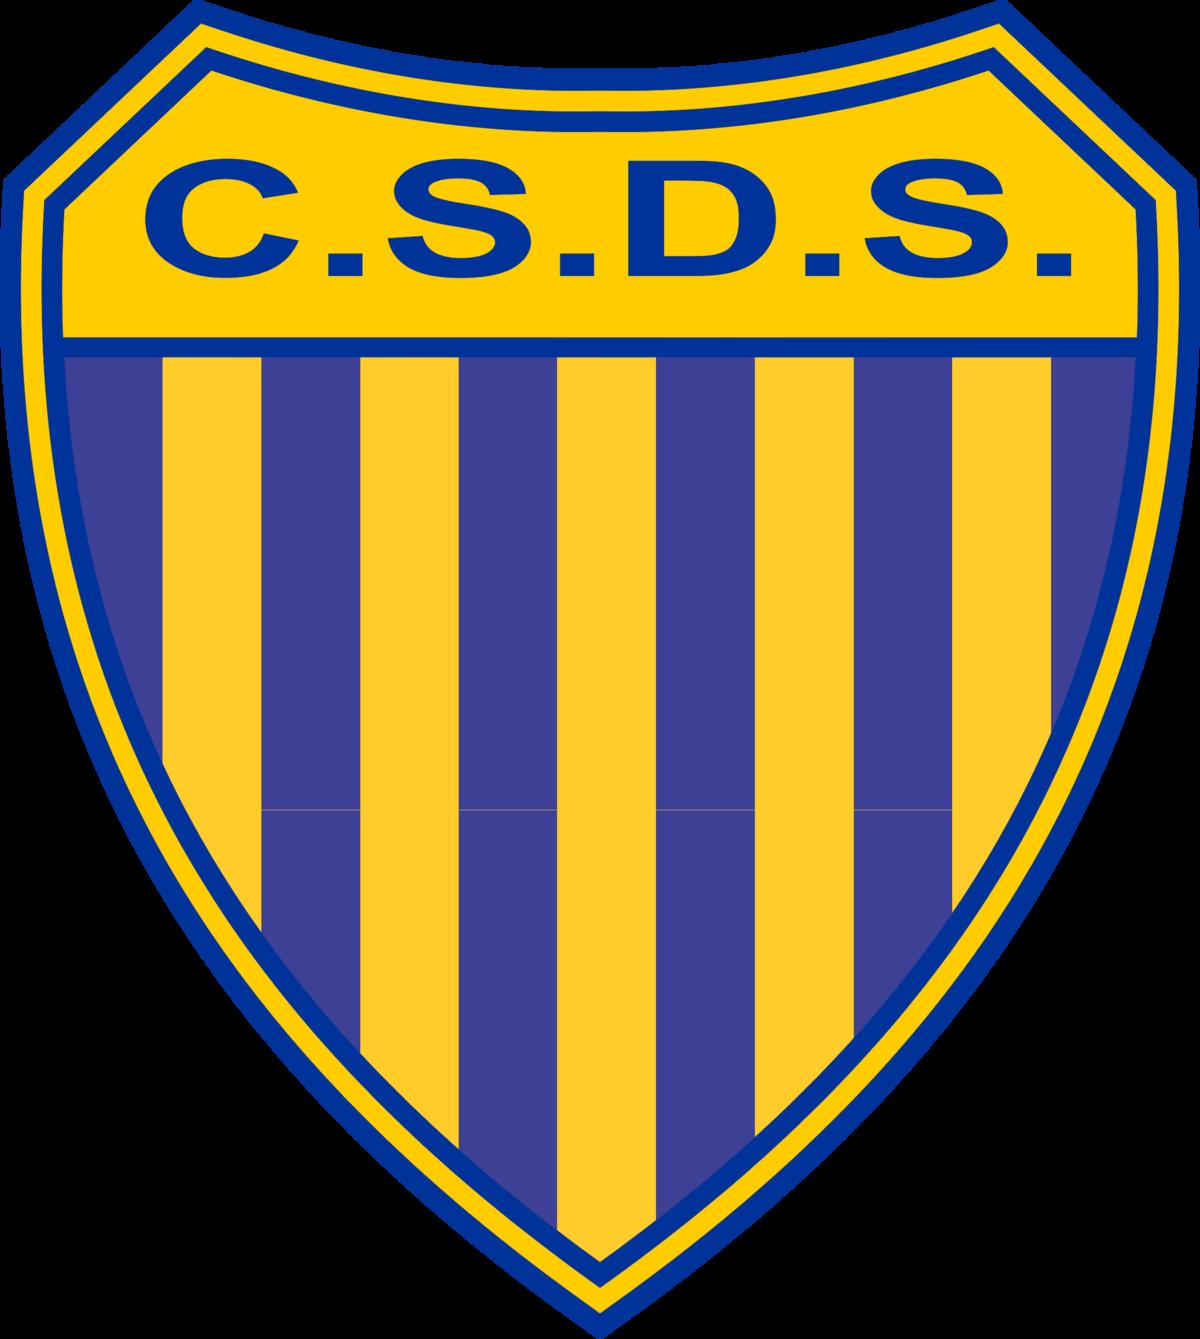 Resultado de imagen para escudo de dock sud